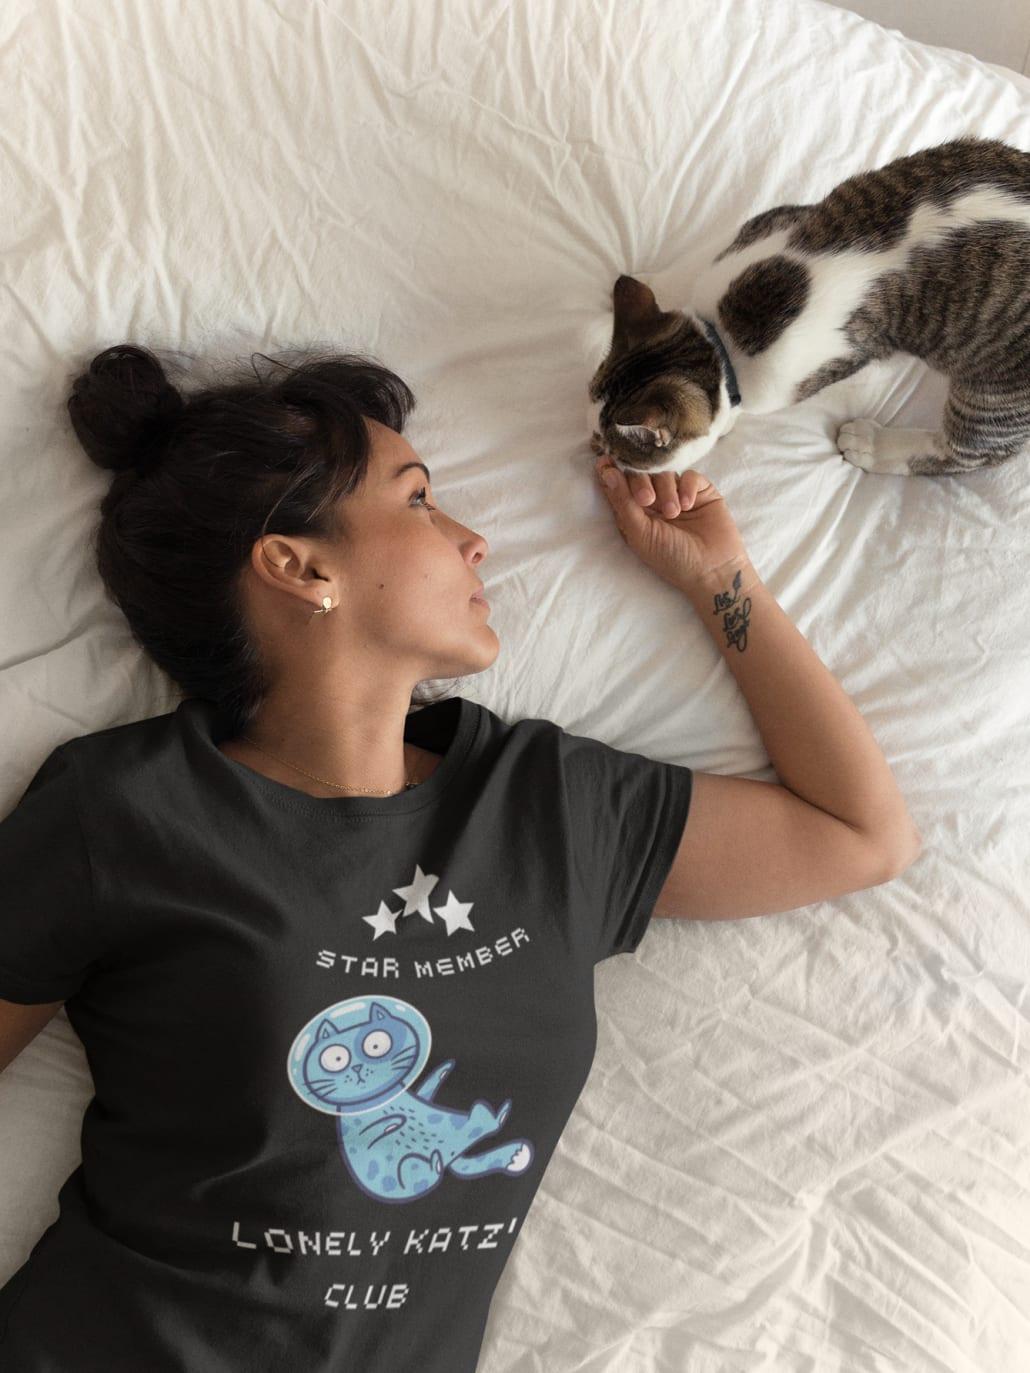 Frau mit Katze und selbstgestaltetem T-Shirt